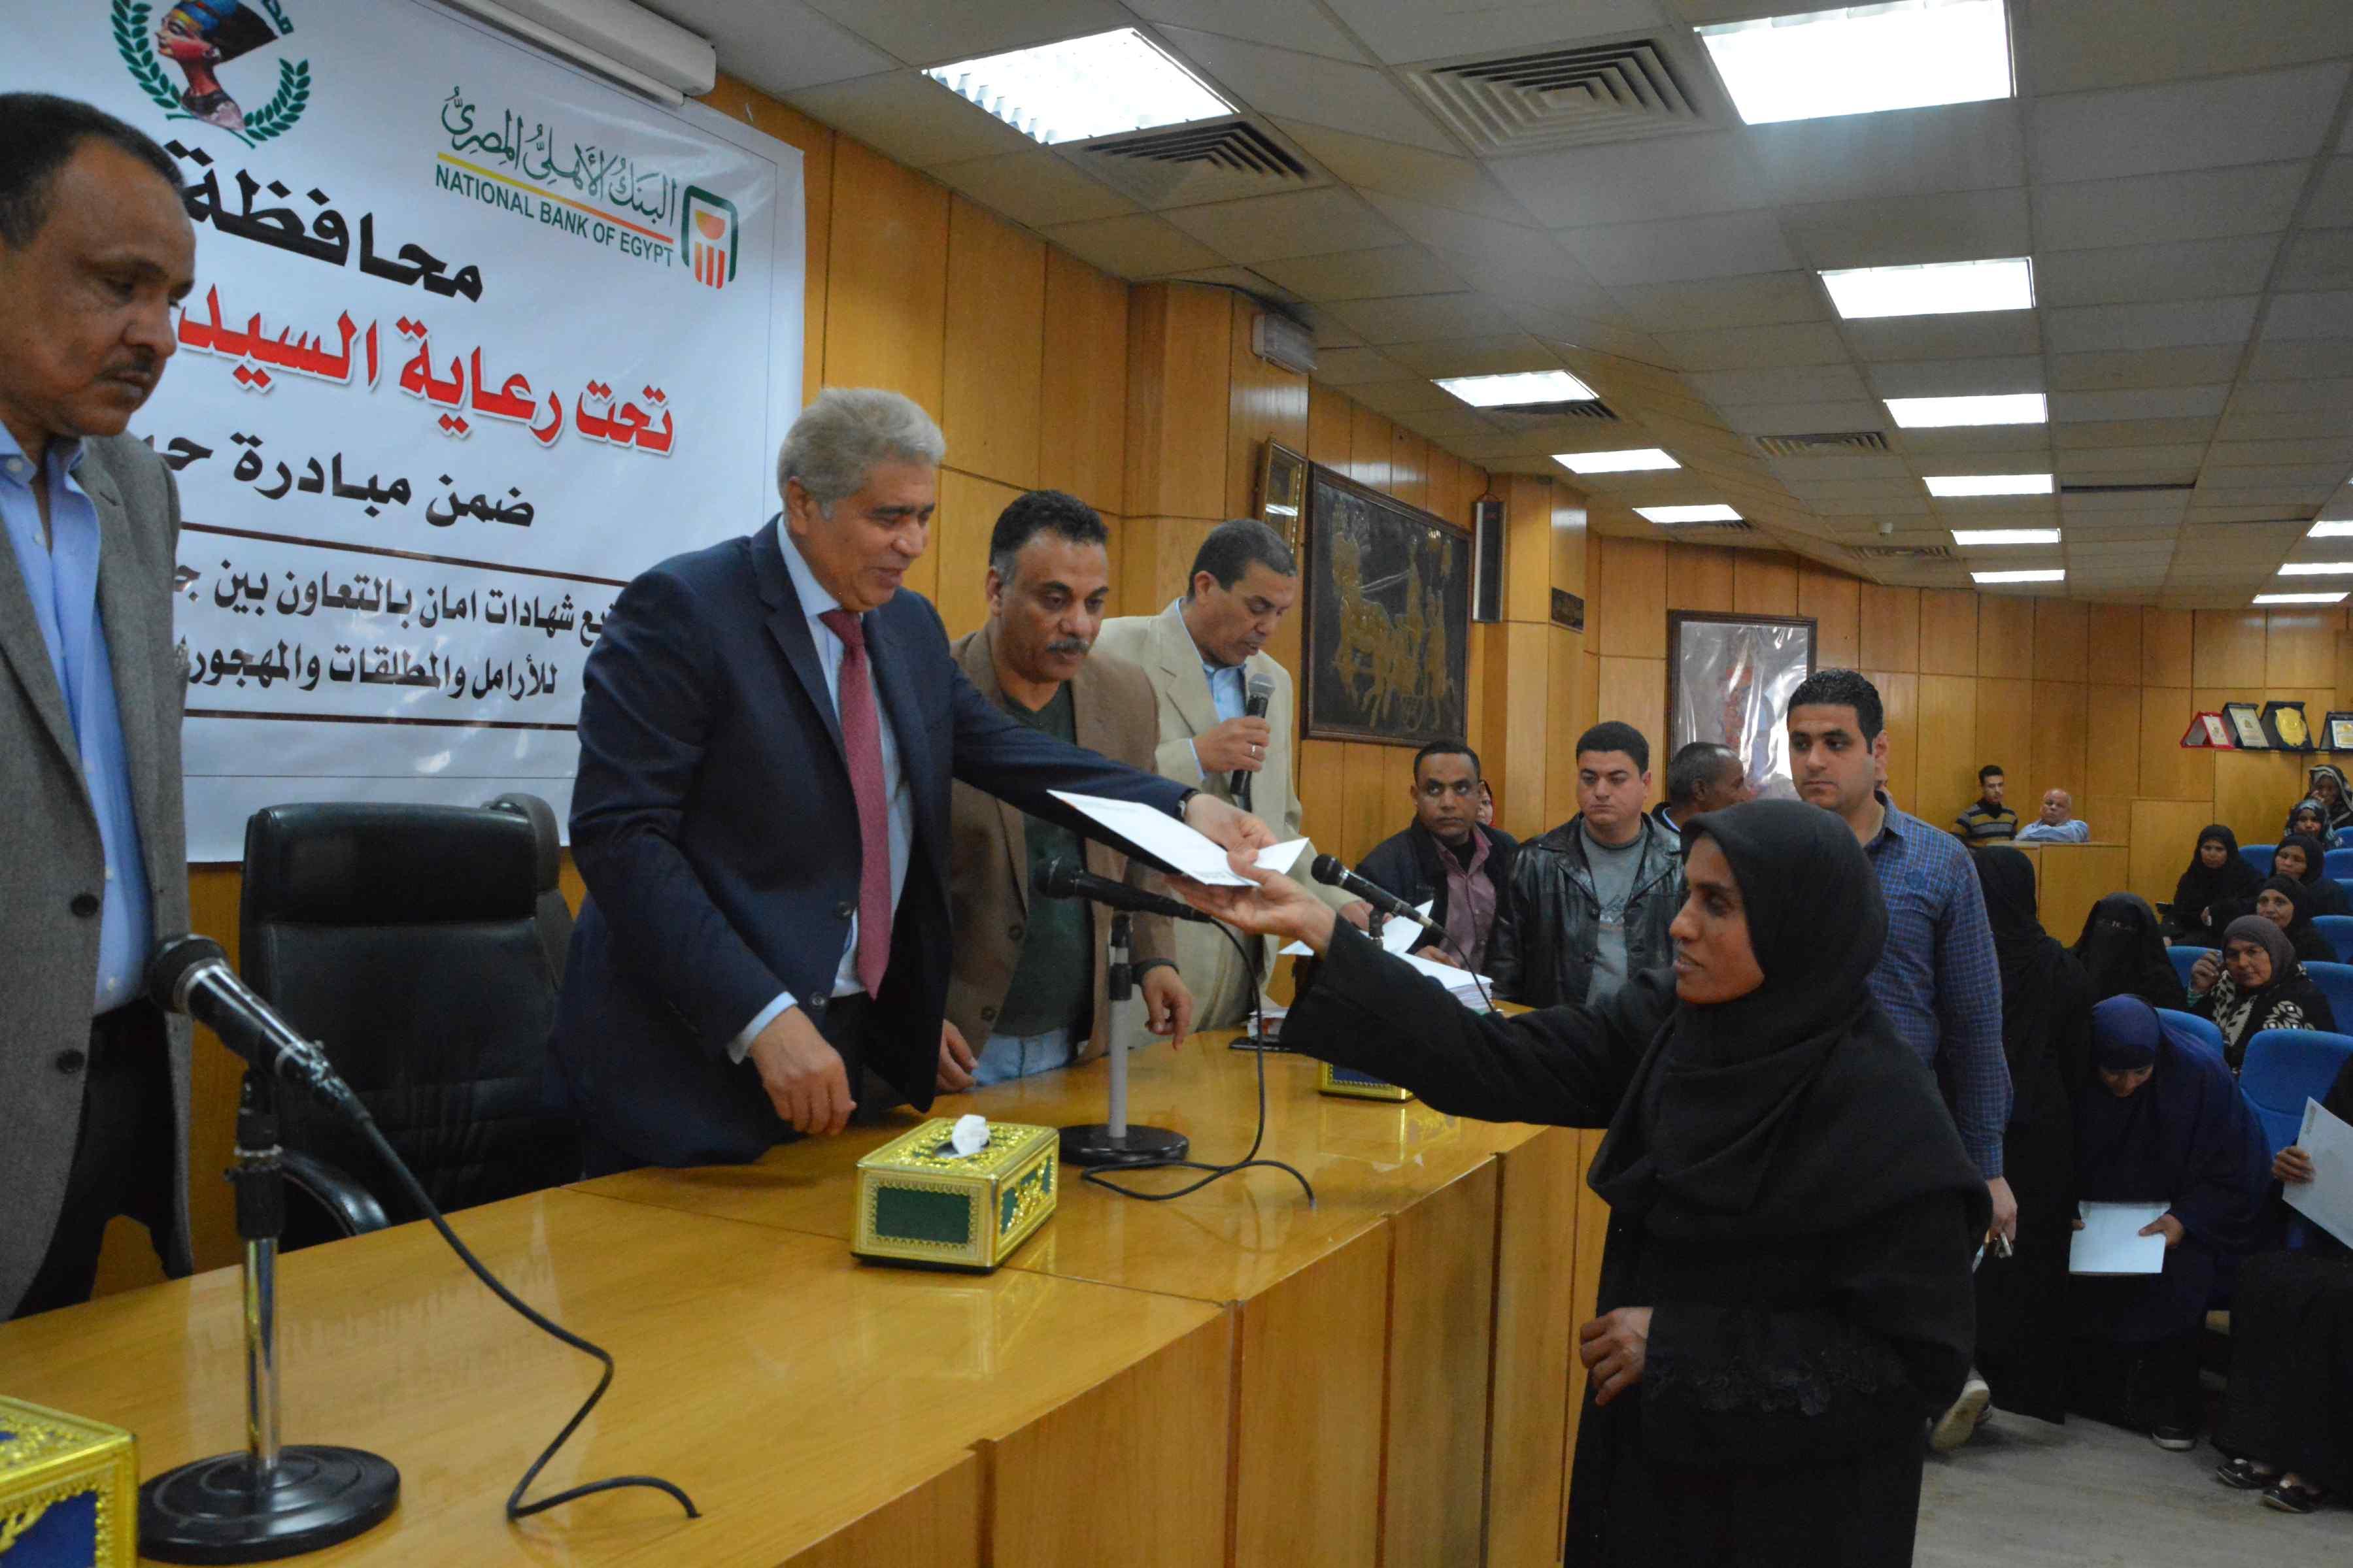 محافظ المنيا يٌسلم 200شهادة أمان من الأورمان للسيدات المعيلات (6)